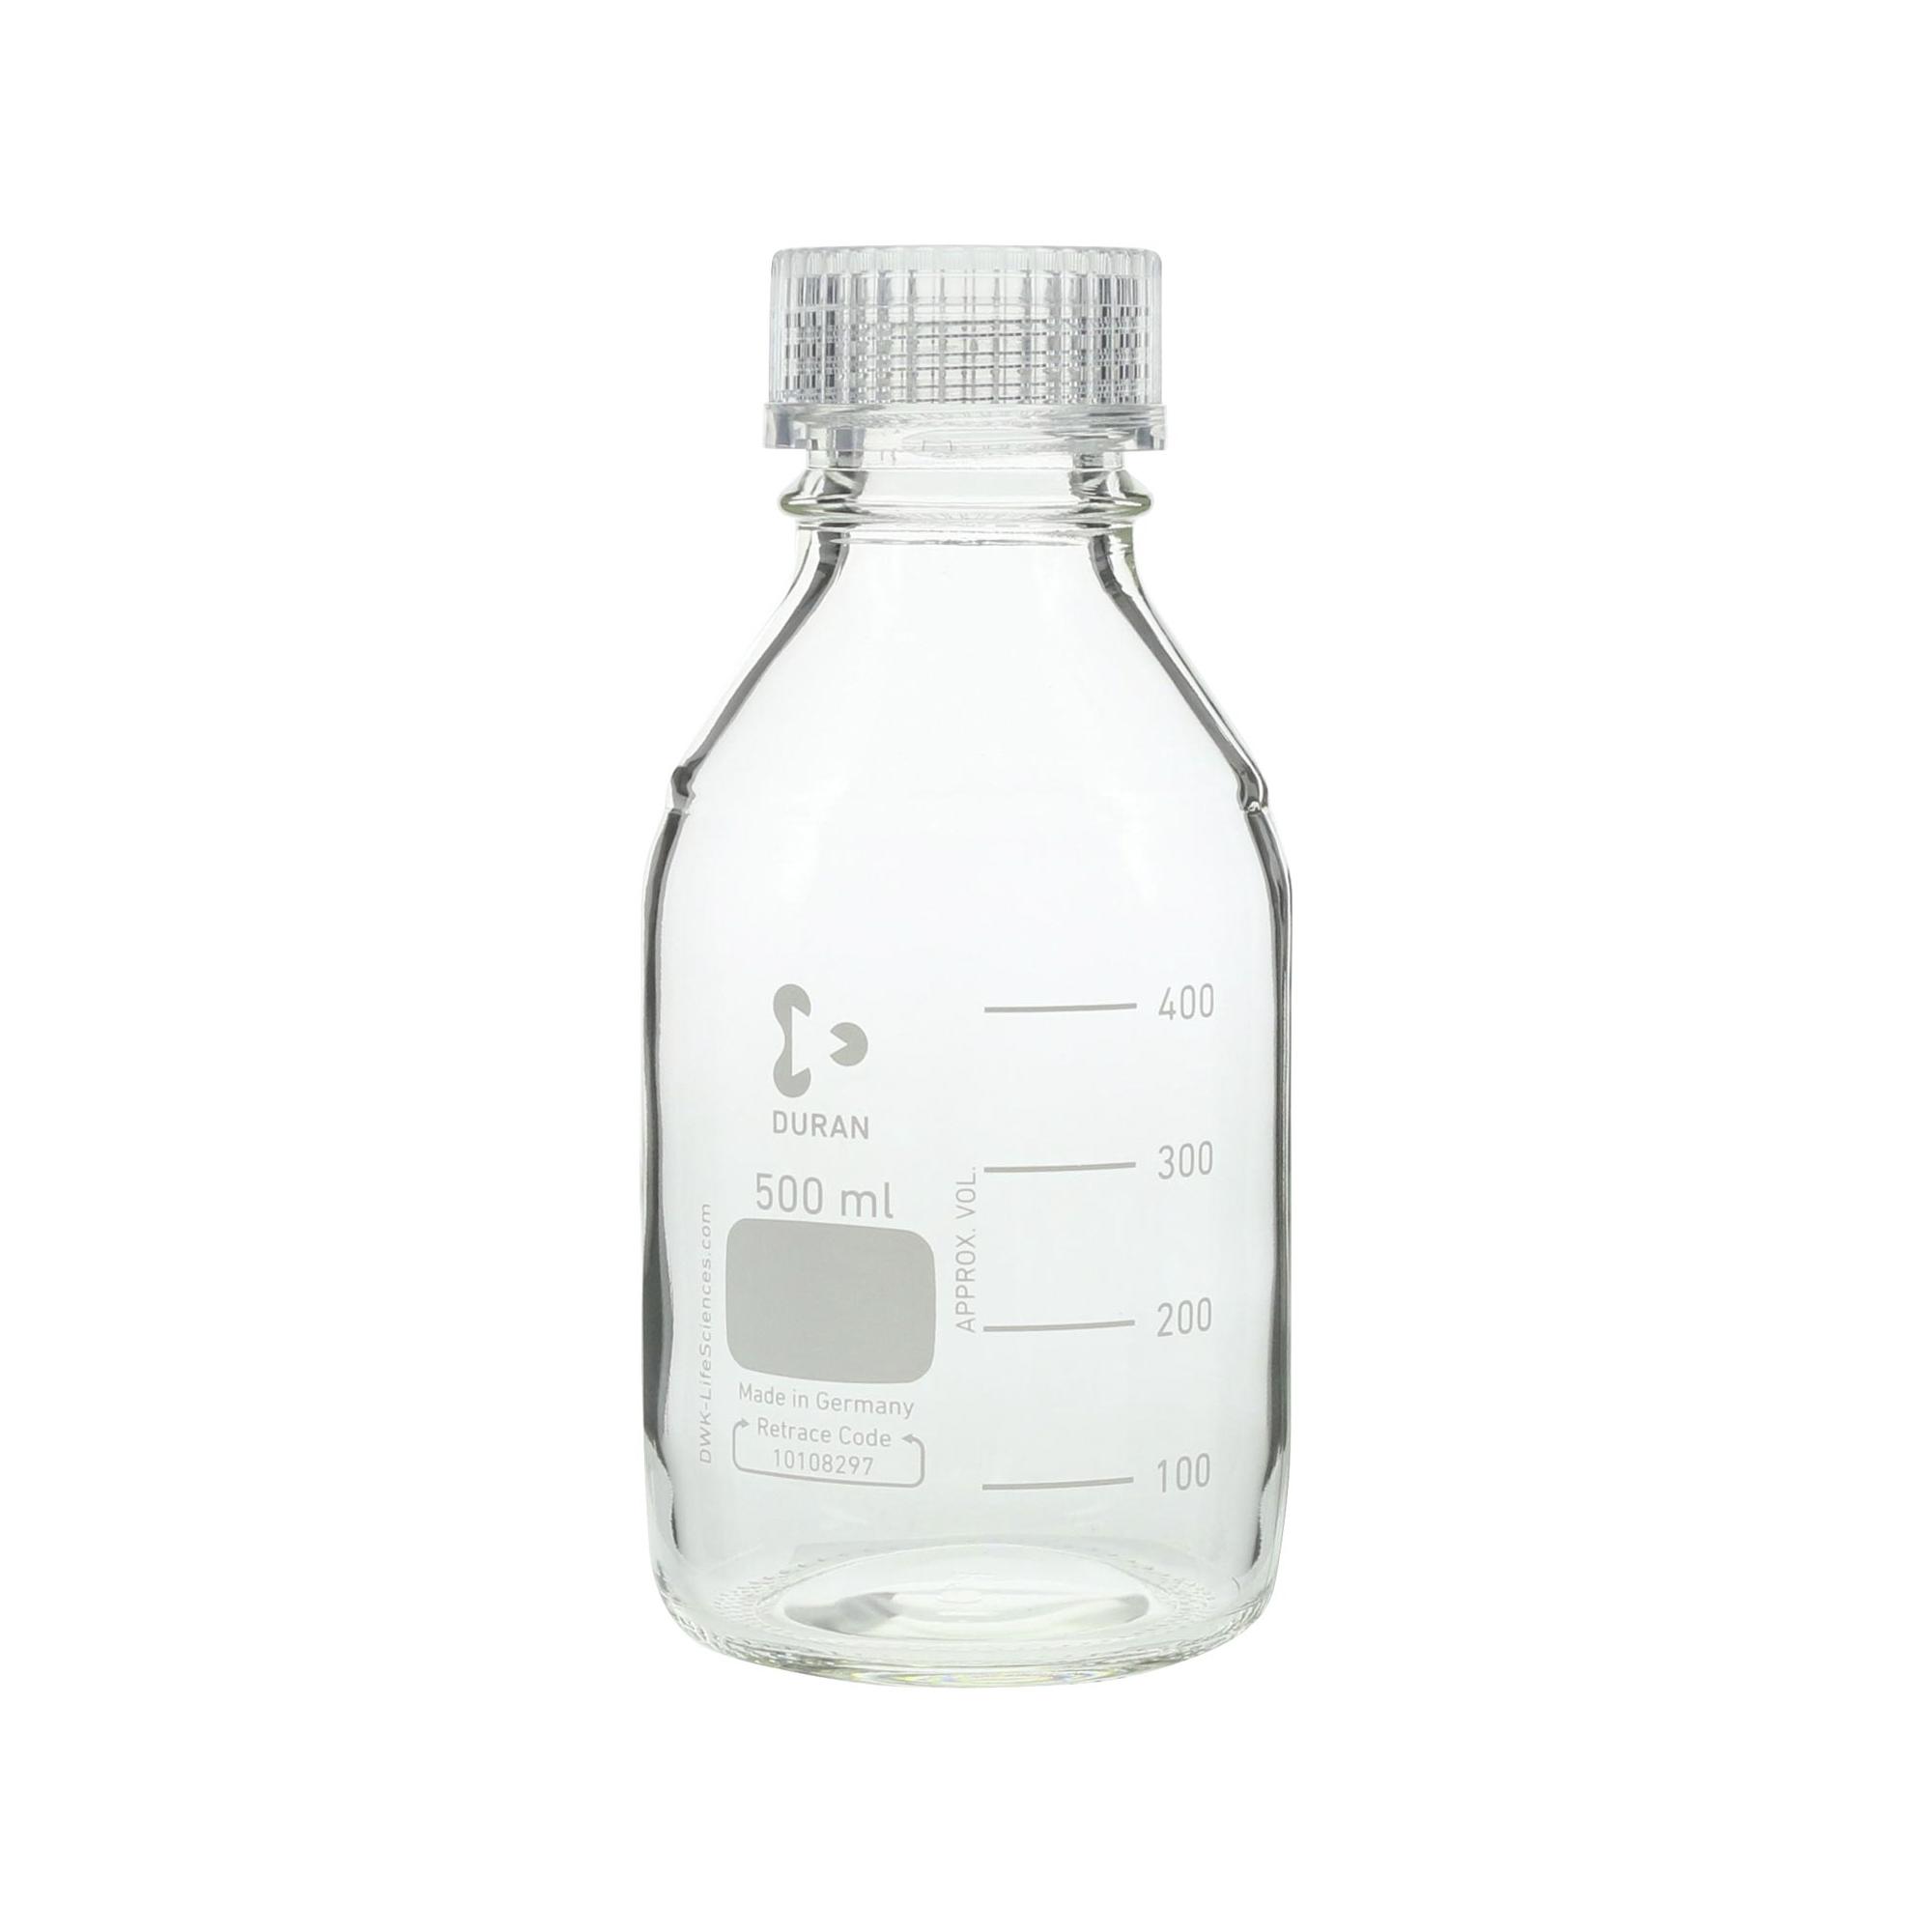 017200-5003A DURAN ねじ口びん 透明キャップ付 500mL GL-45(10個) 柴田科学(SIBATA)